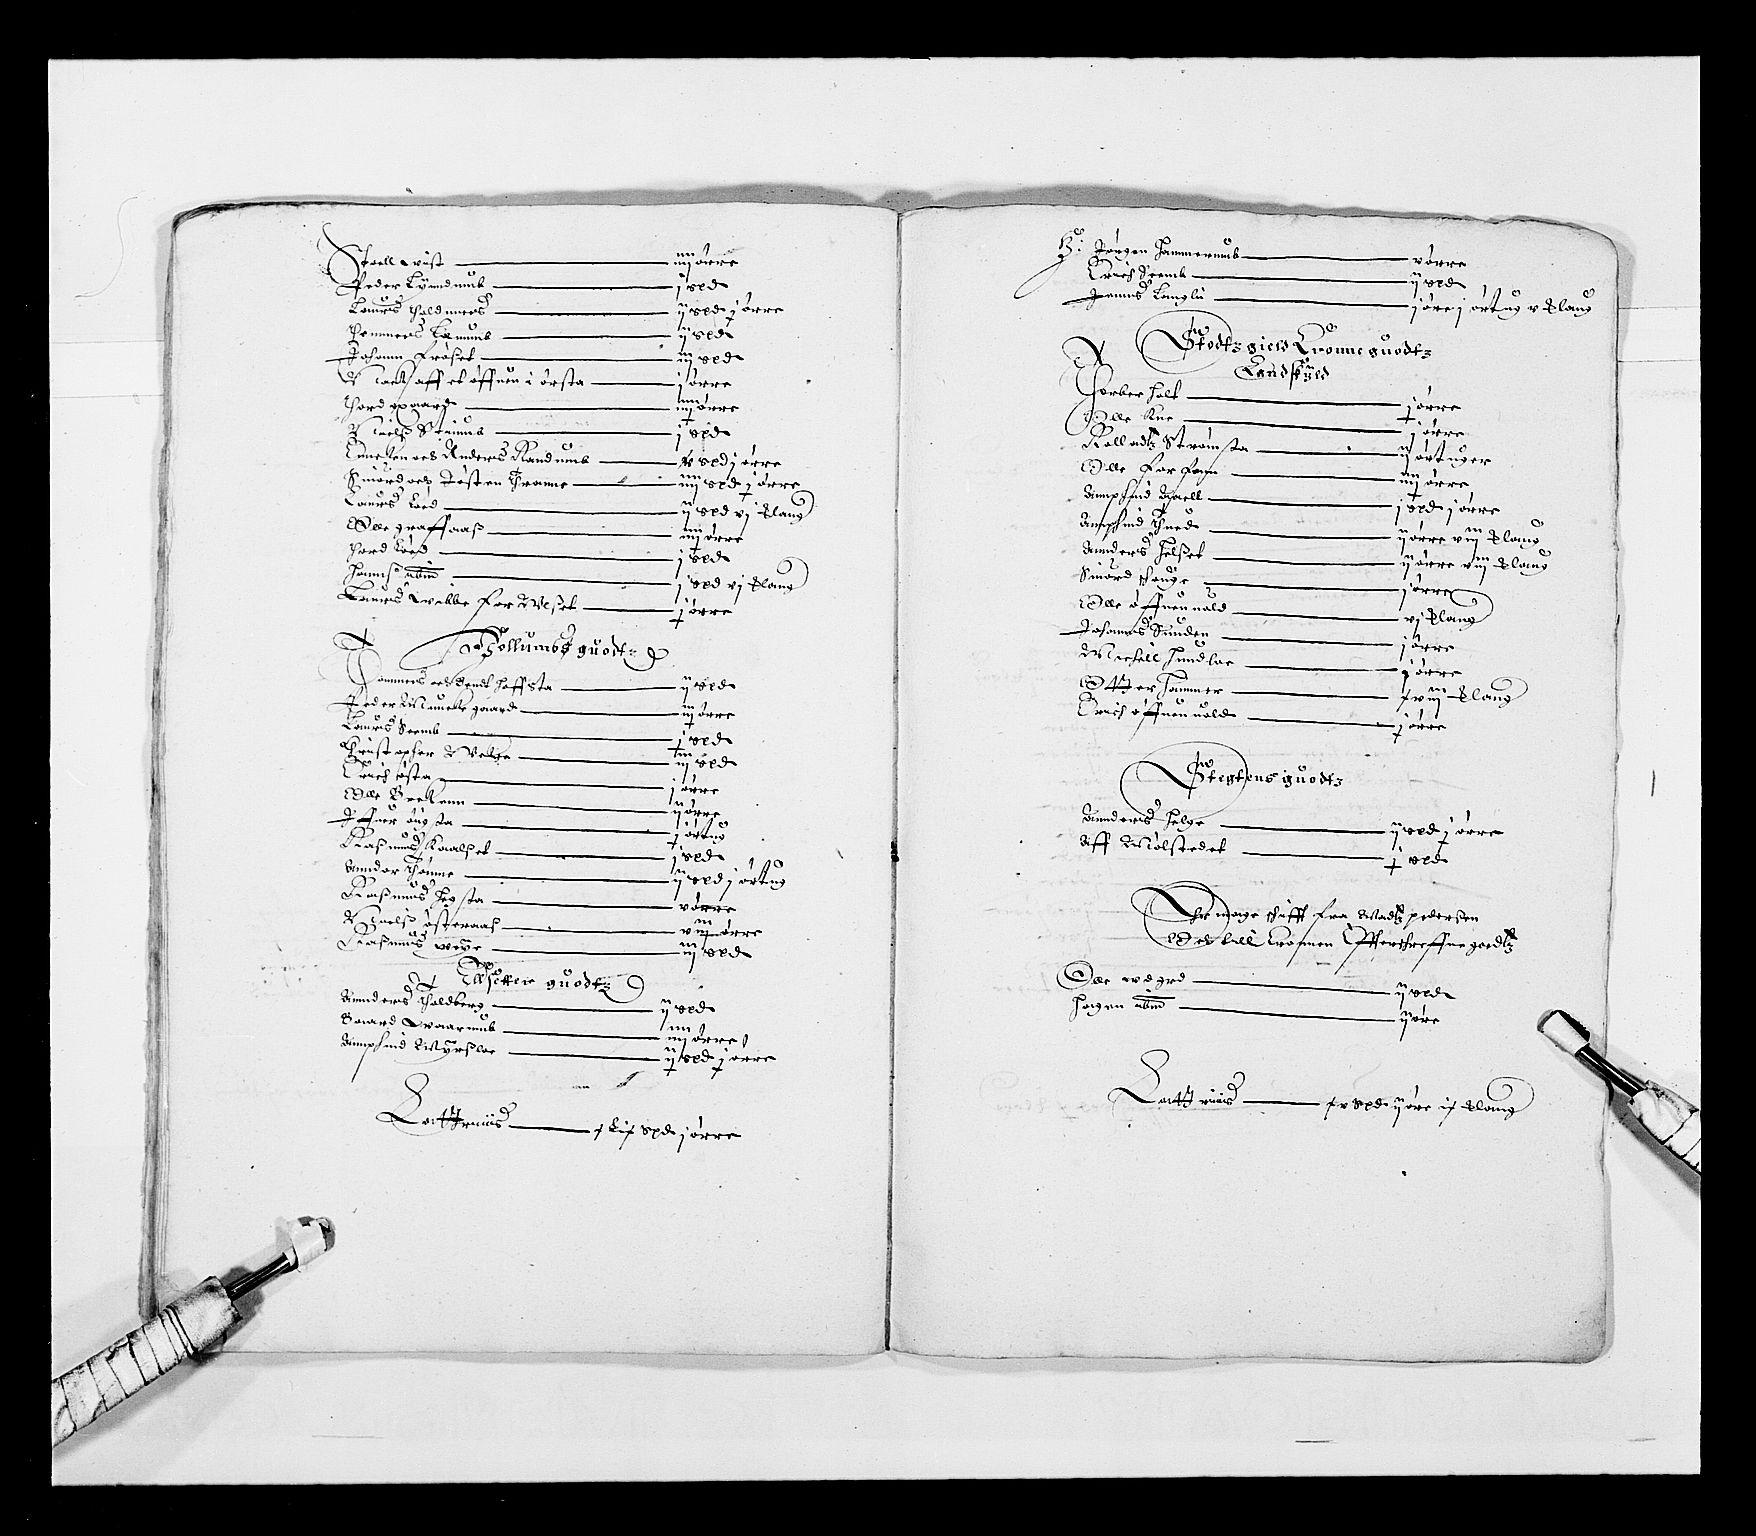 RA, Stattholderembetet 1572-1771, Ek/L0028: Jordebøker 1633-1658:, 1645-1646, s. 125